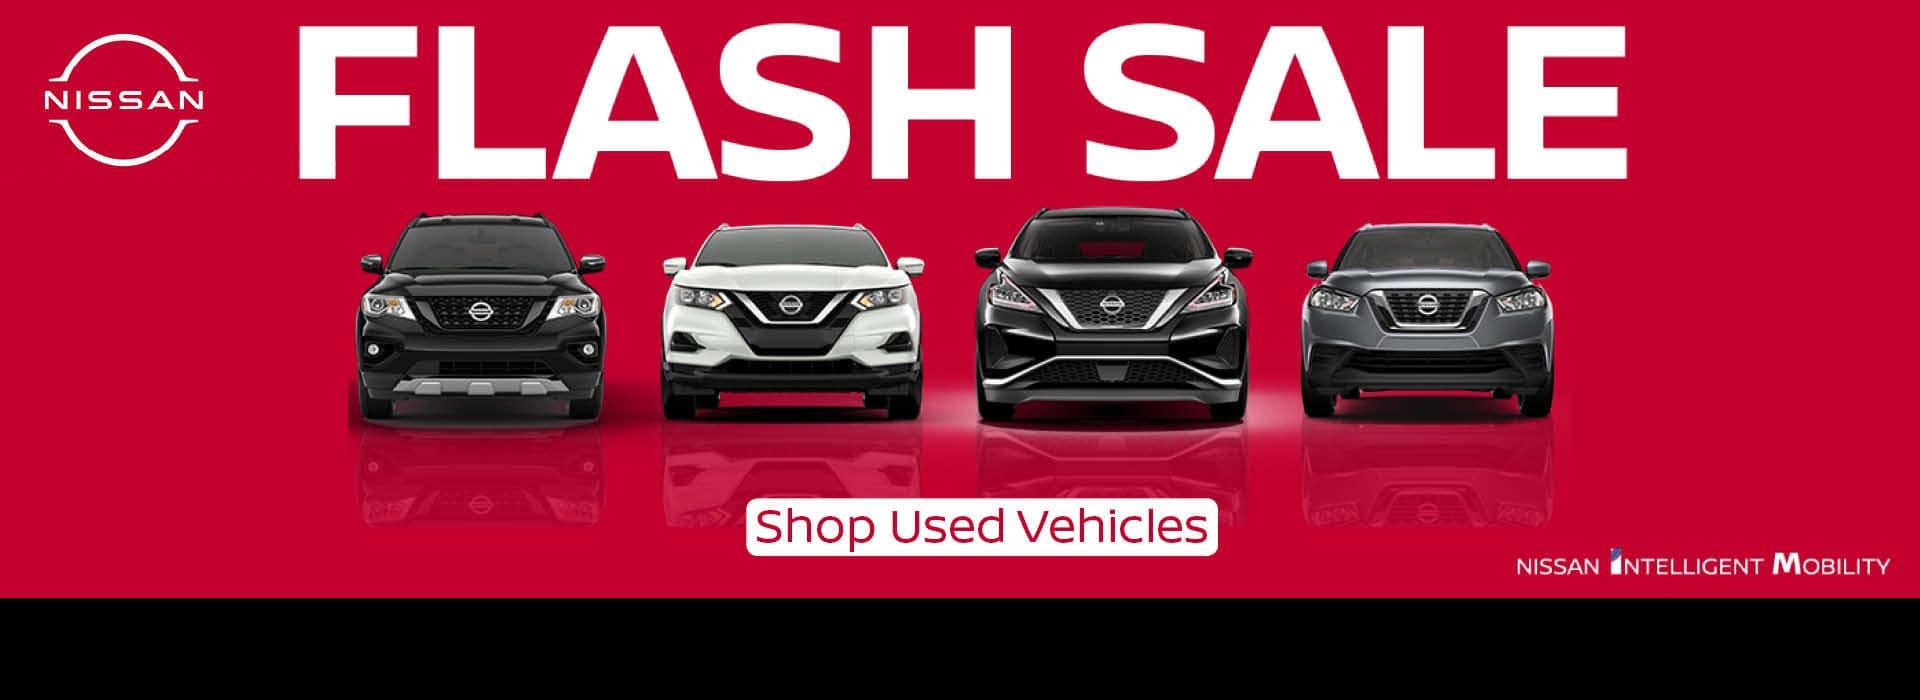 CN Flash Sale v2